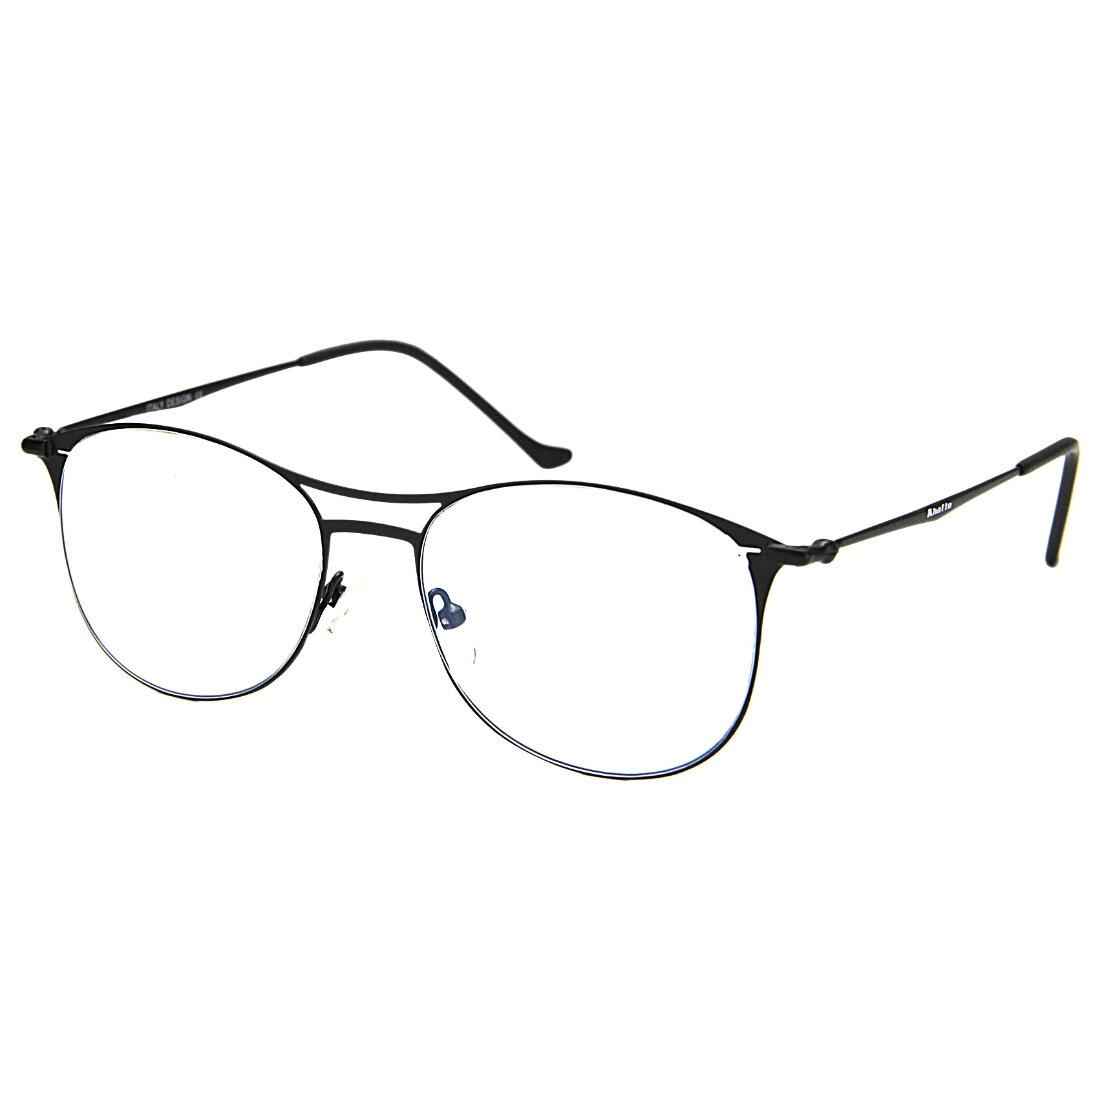 Armação de Óculos Khatto Caçador Delicatesse - C053